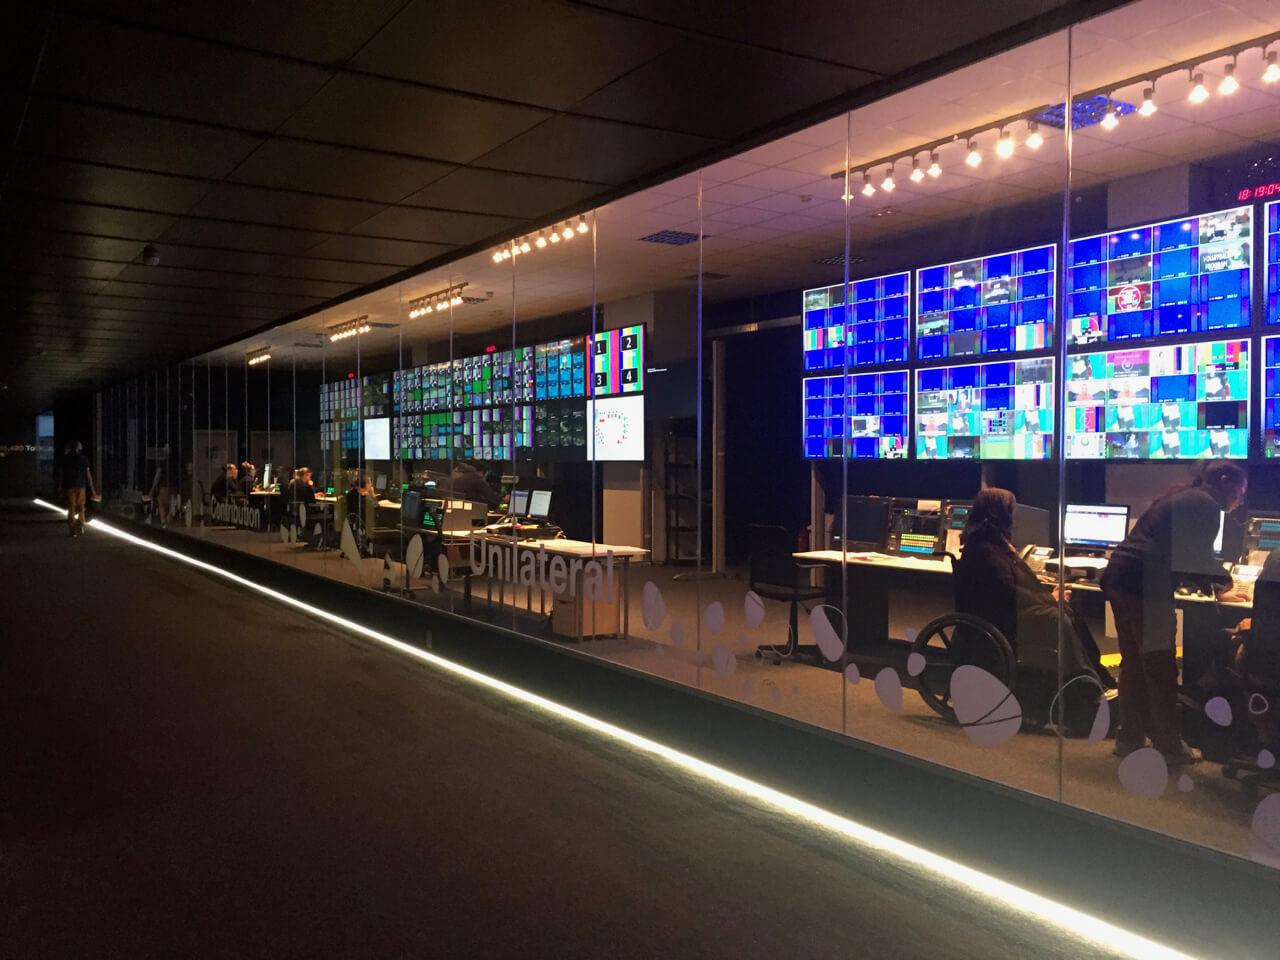 ハワイで大家:リオ五輪 国際放送センターのコントロールセンター